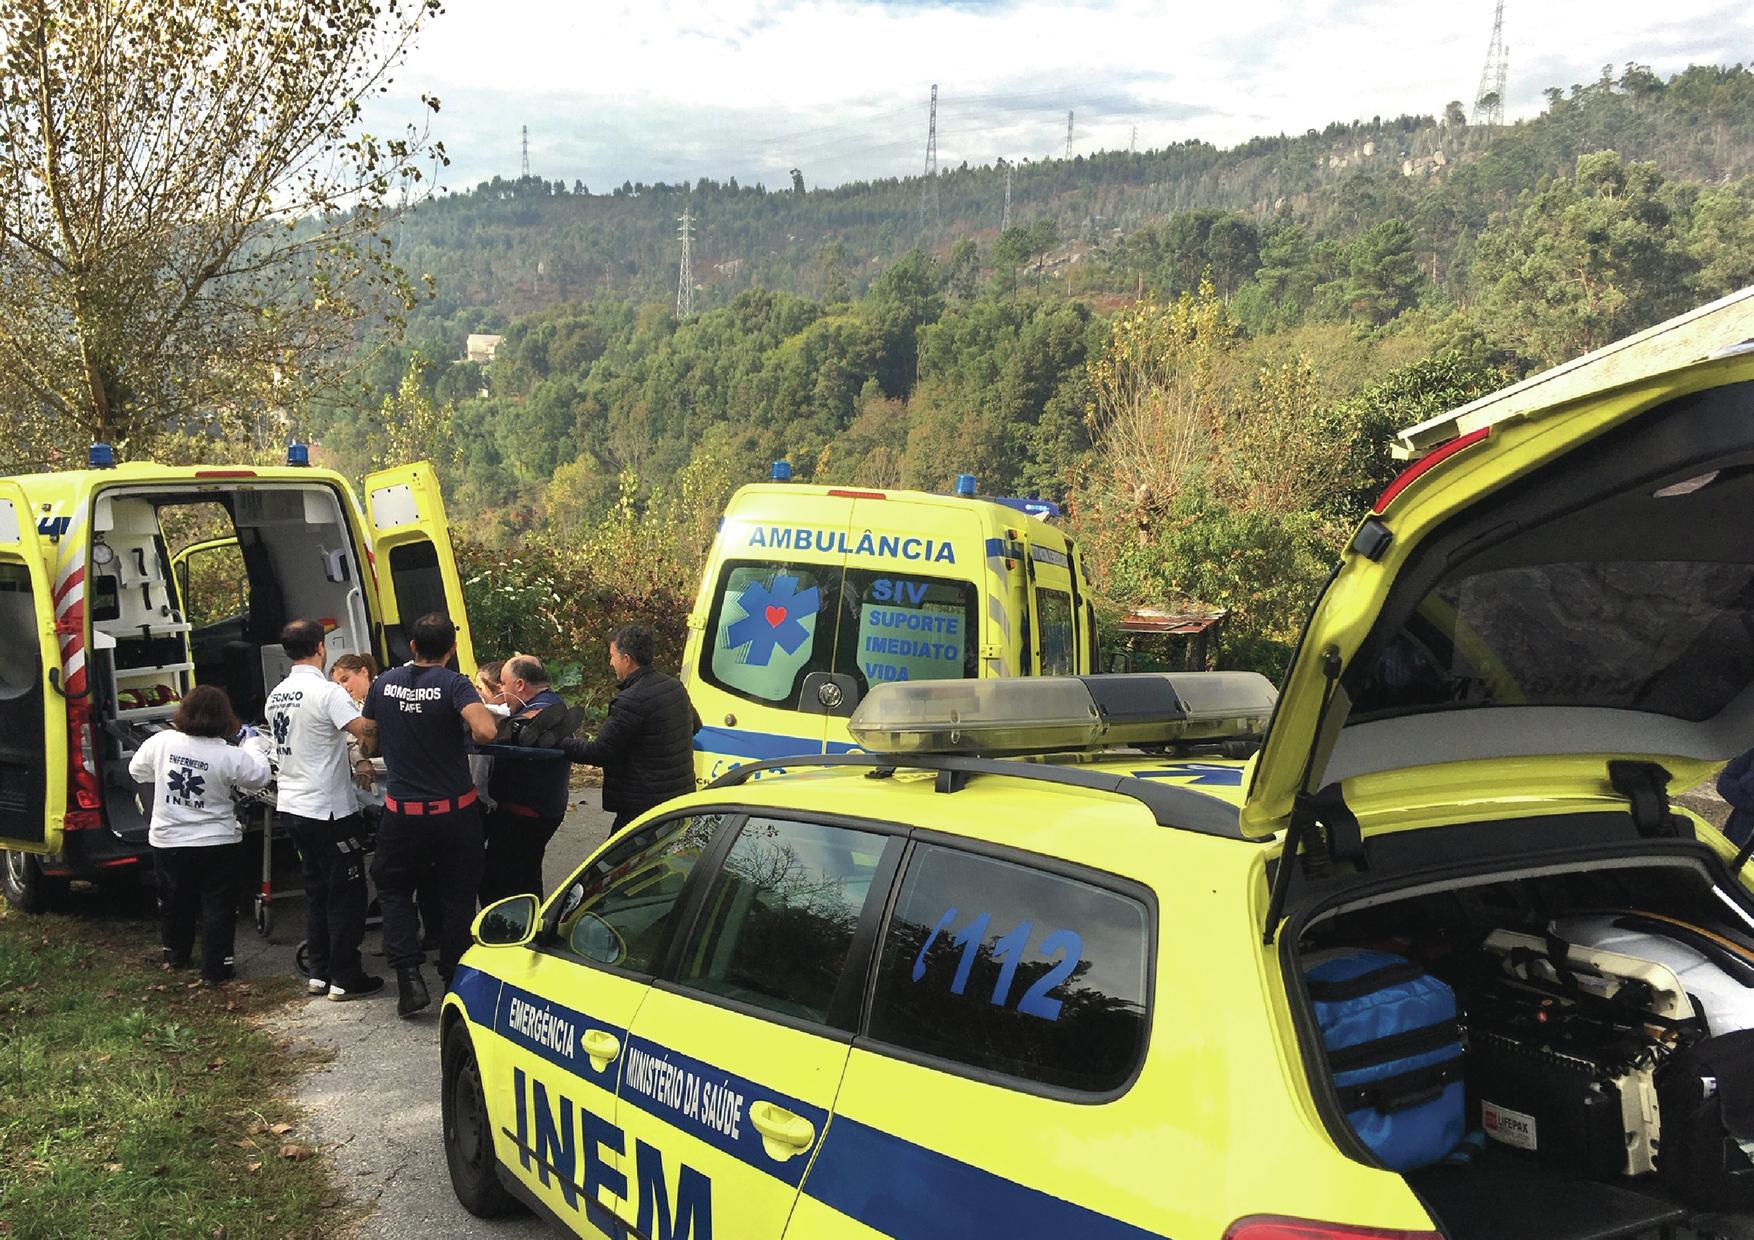 Reportagem: Um dia na viatura de emergência e reanimação